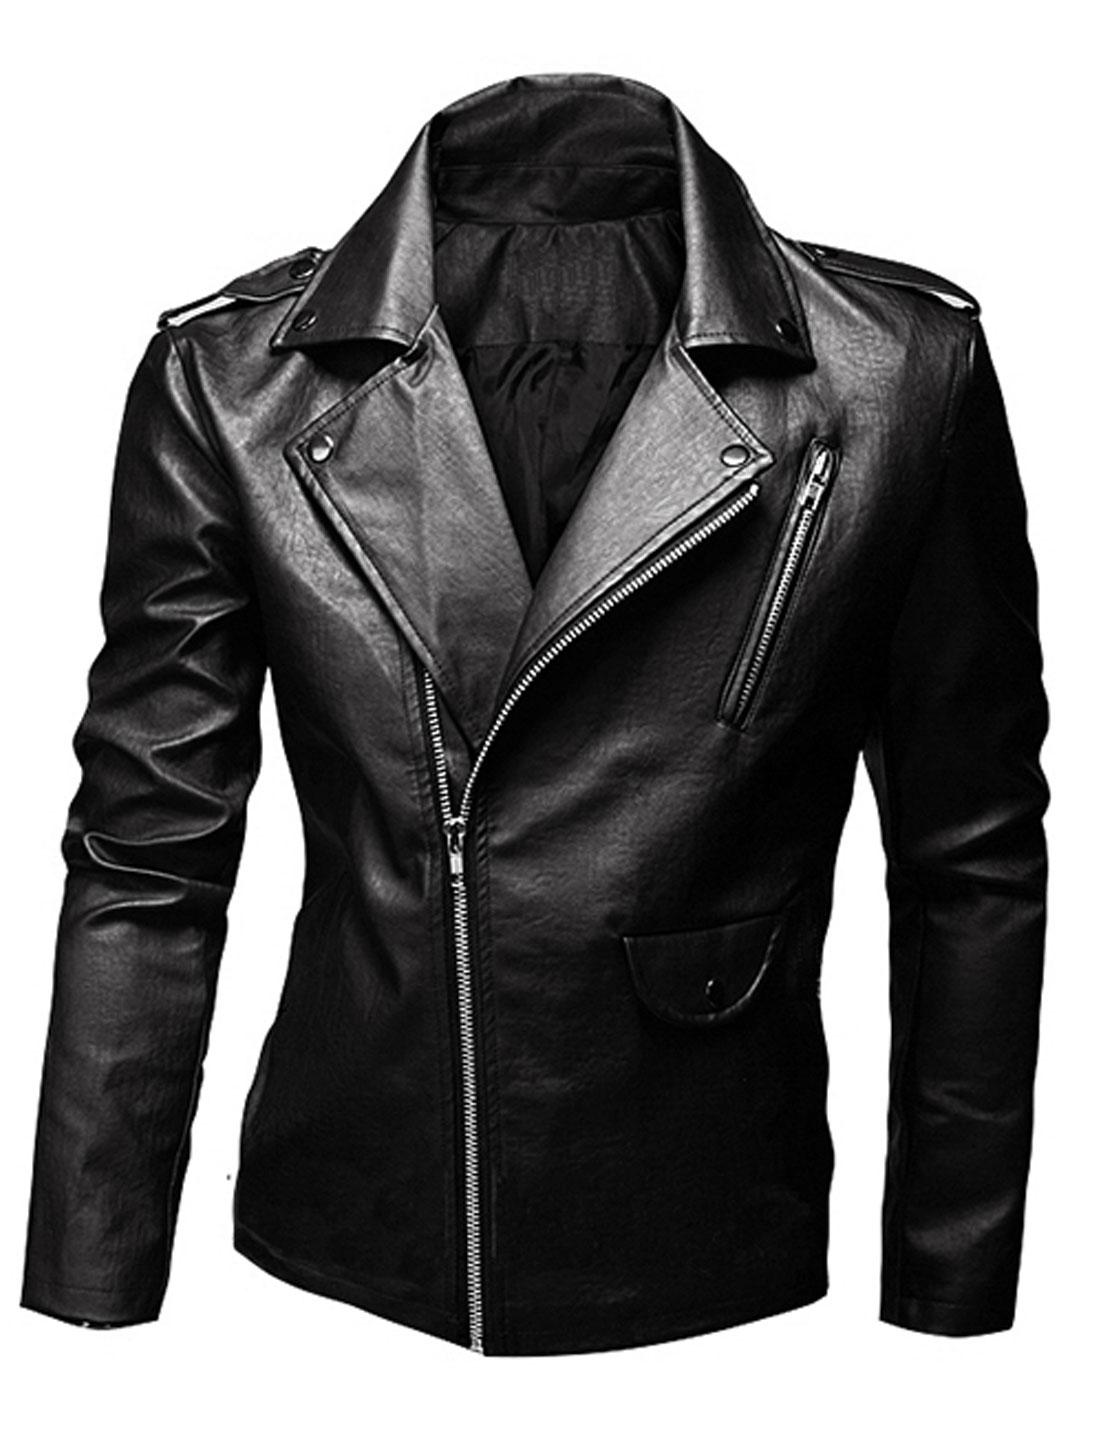 Men Turn Down Collar Long Sleeves Casual Motorcycle Jacket Black M